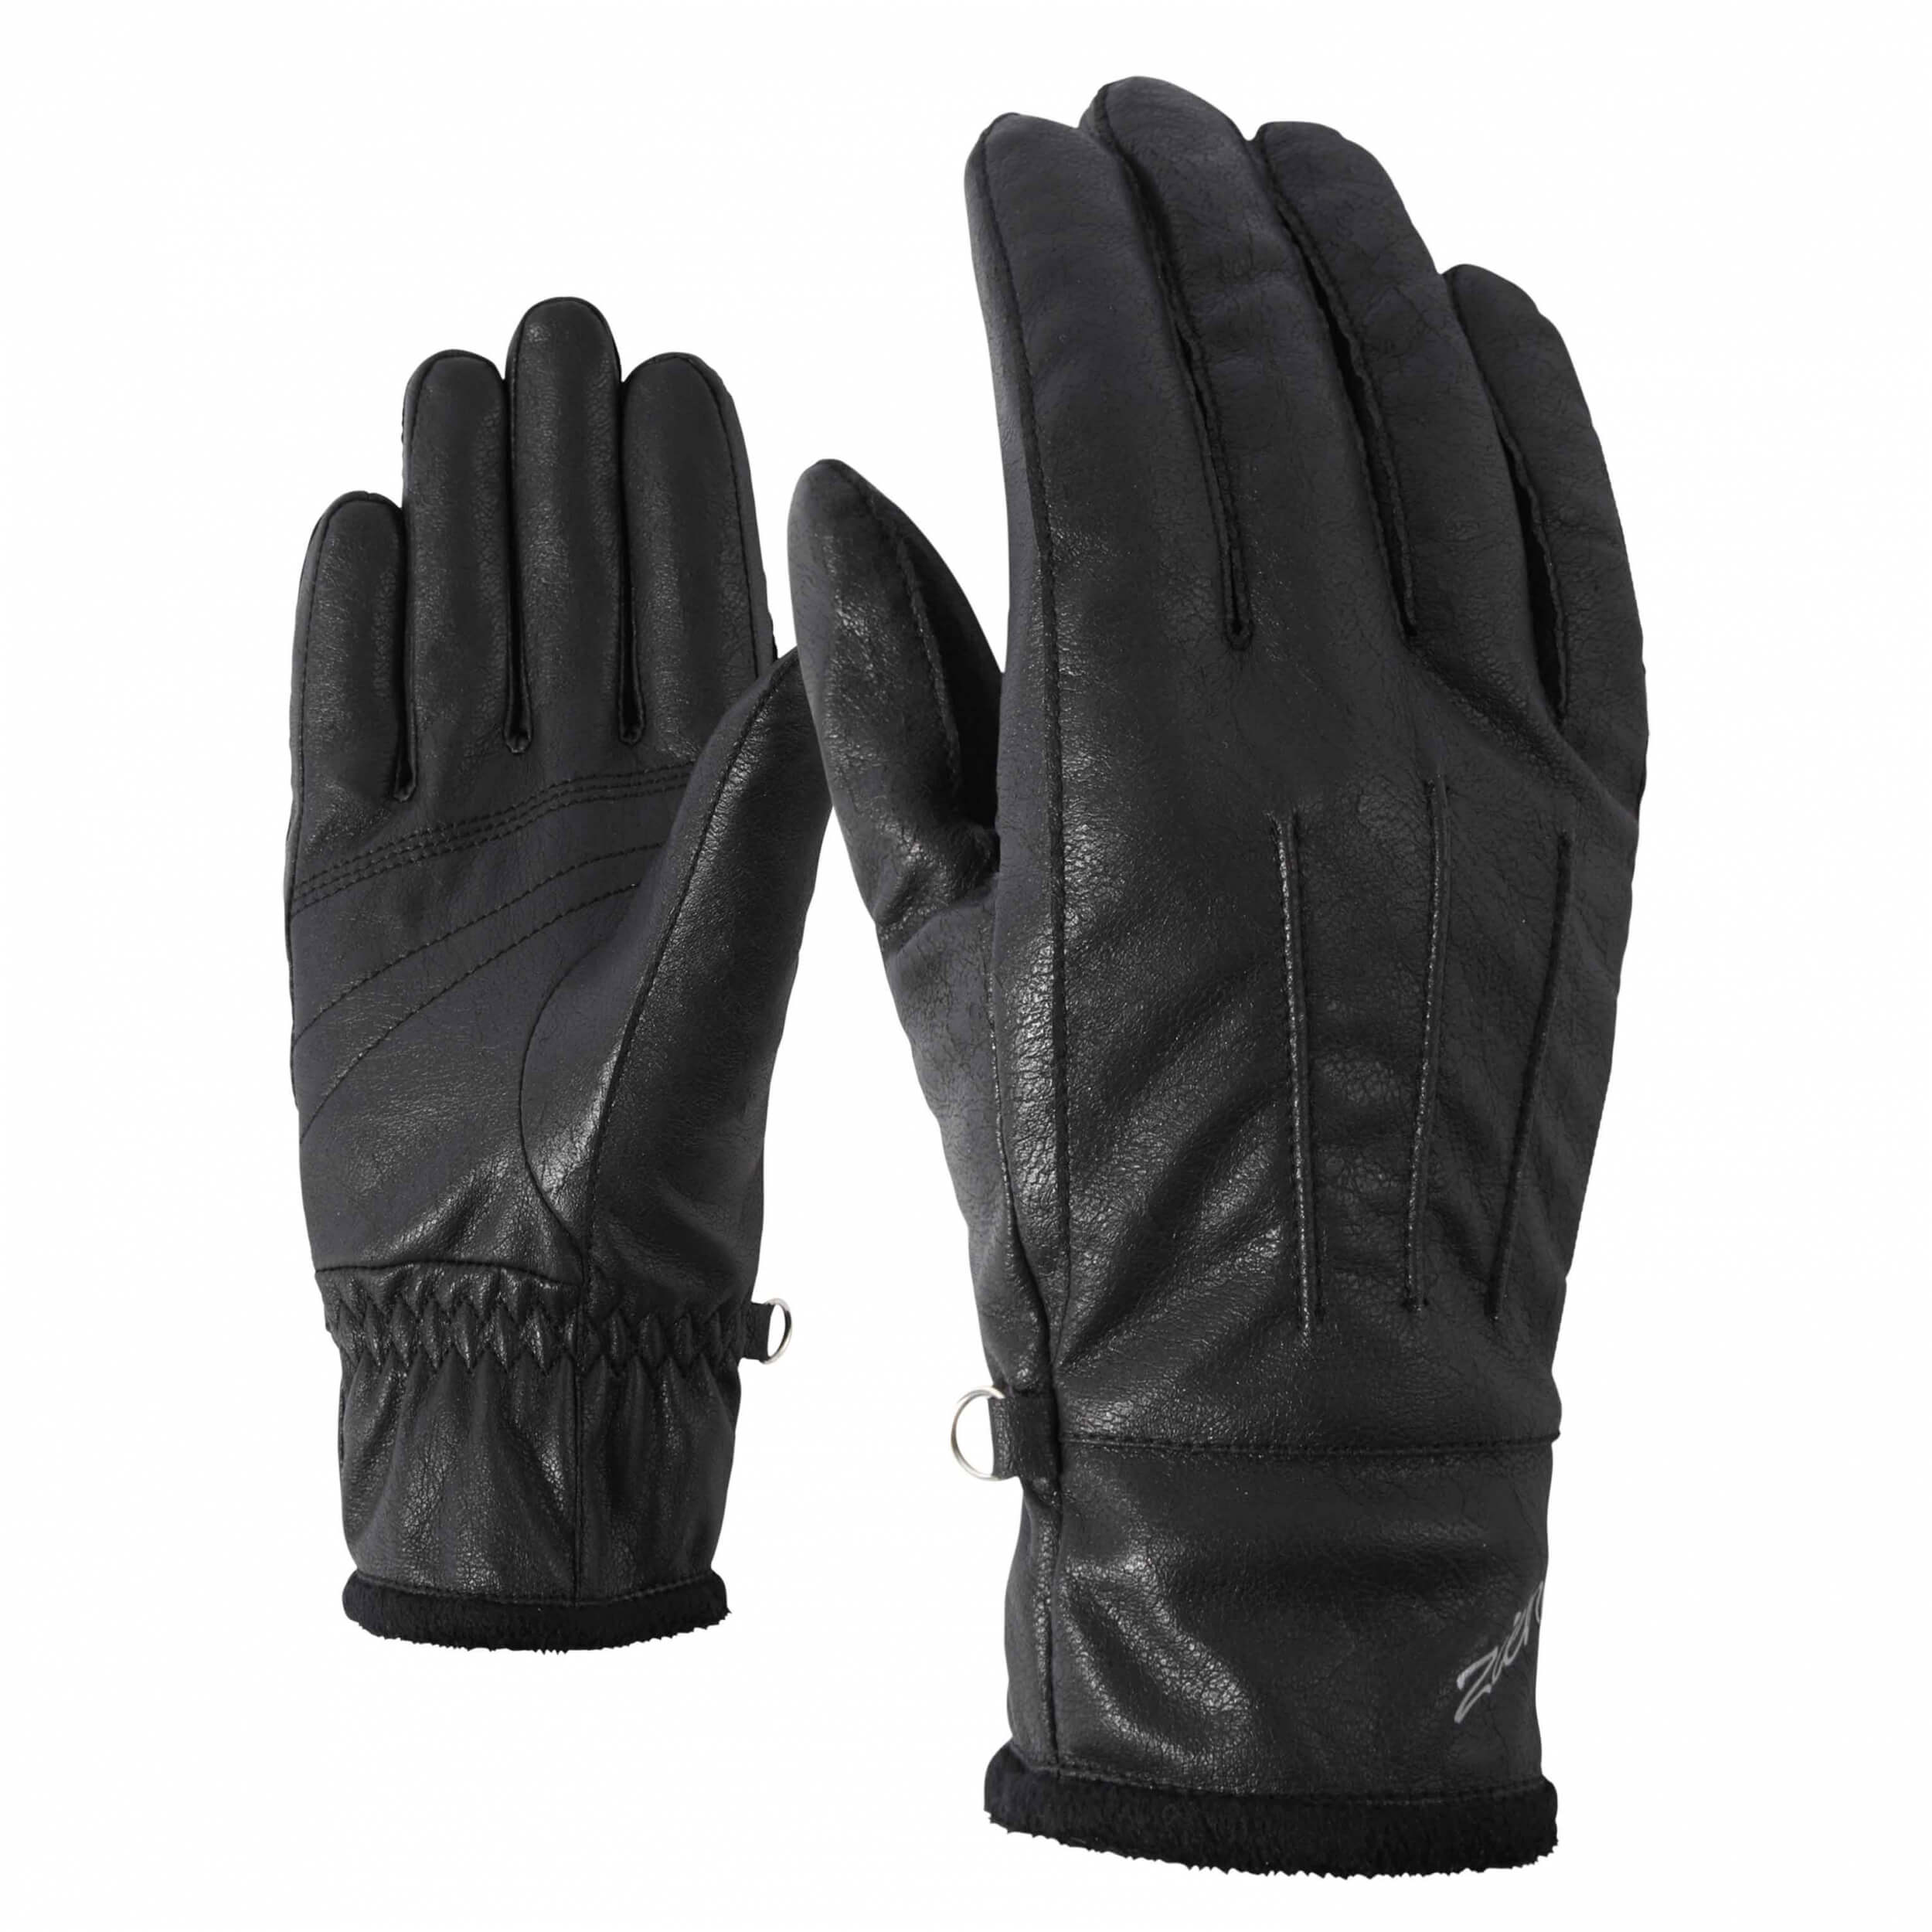 ZIENER Freizeit-Handschuhe Isala schwarz 12